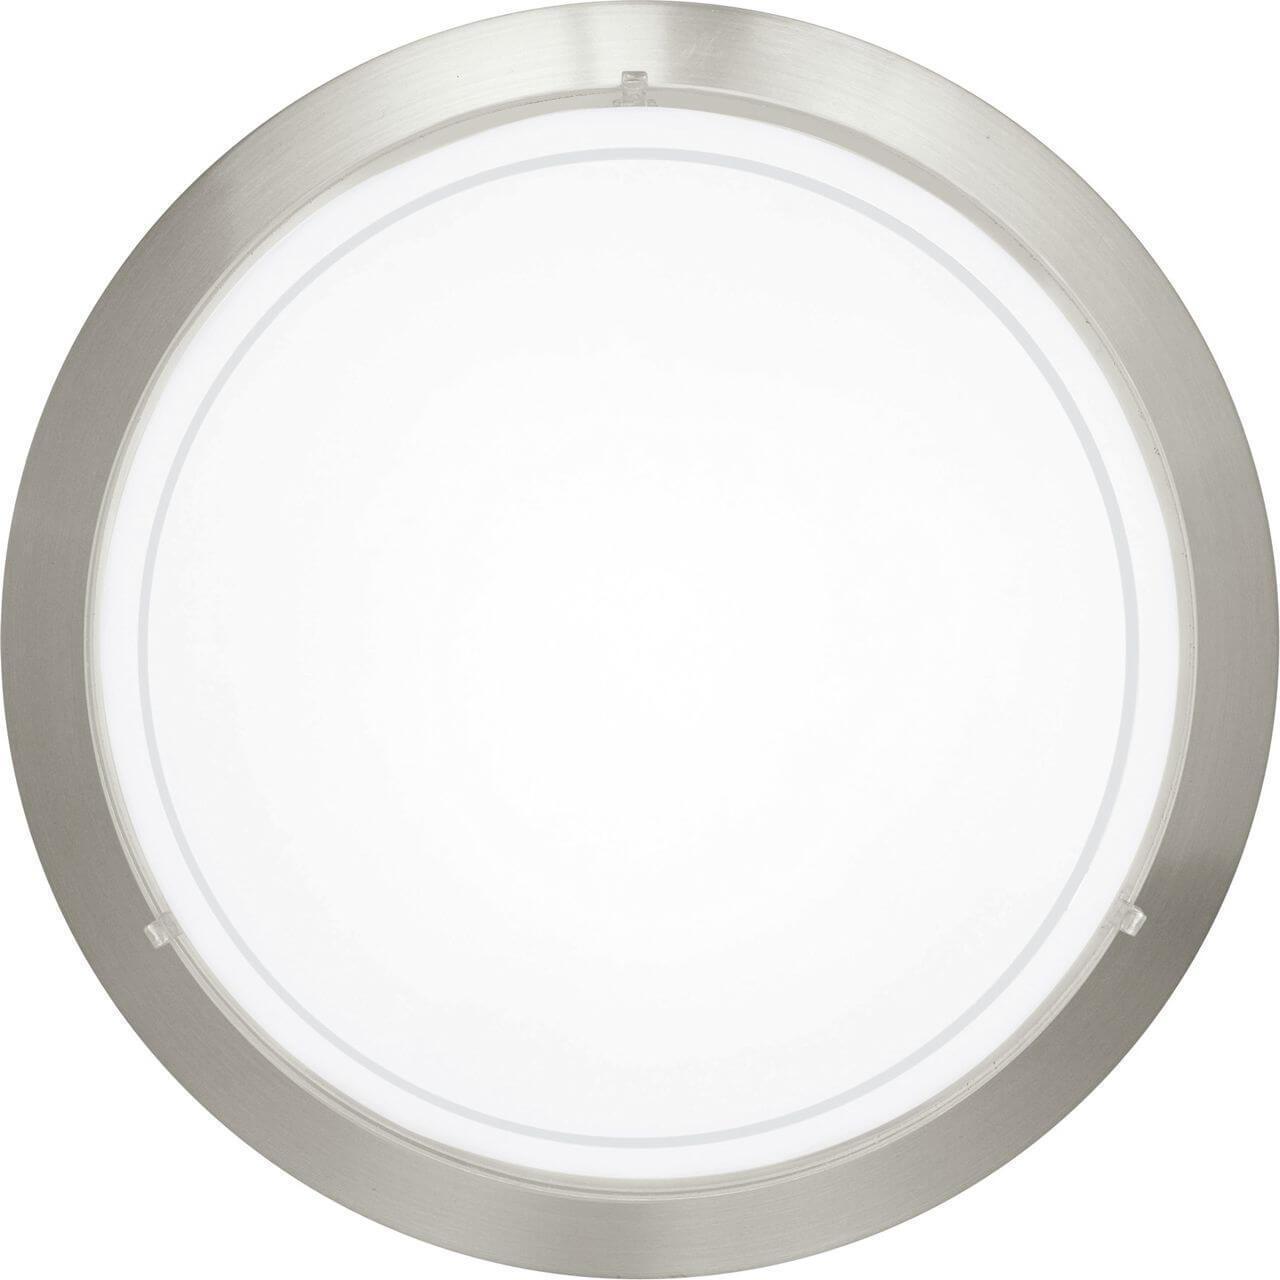 Настенно-потолочный светильник Eglo 83162, серебристый eglo 94615